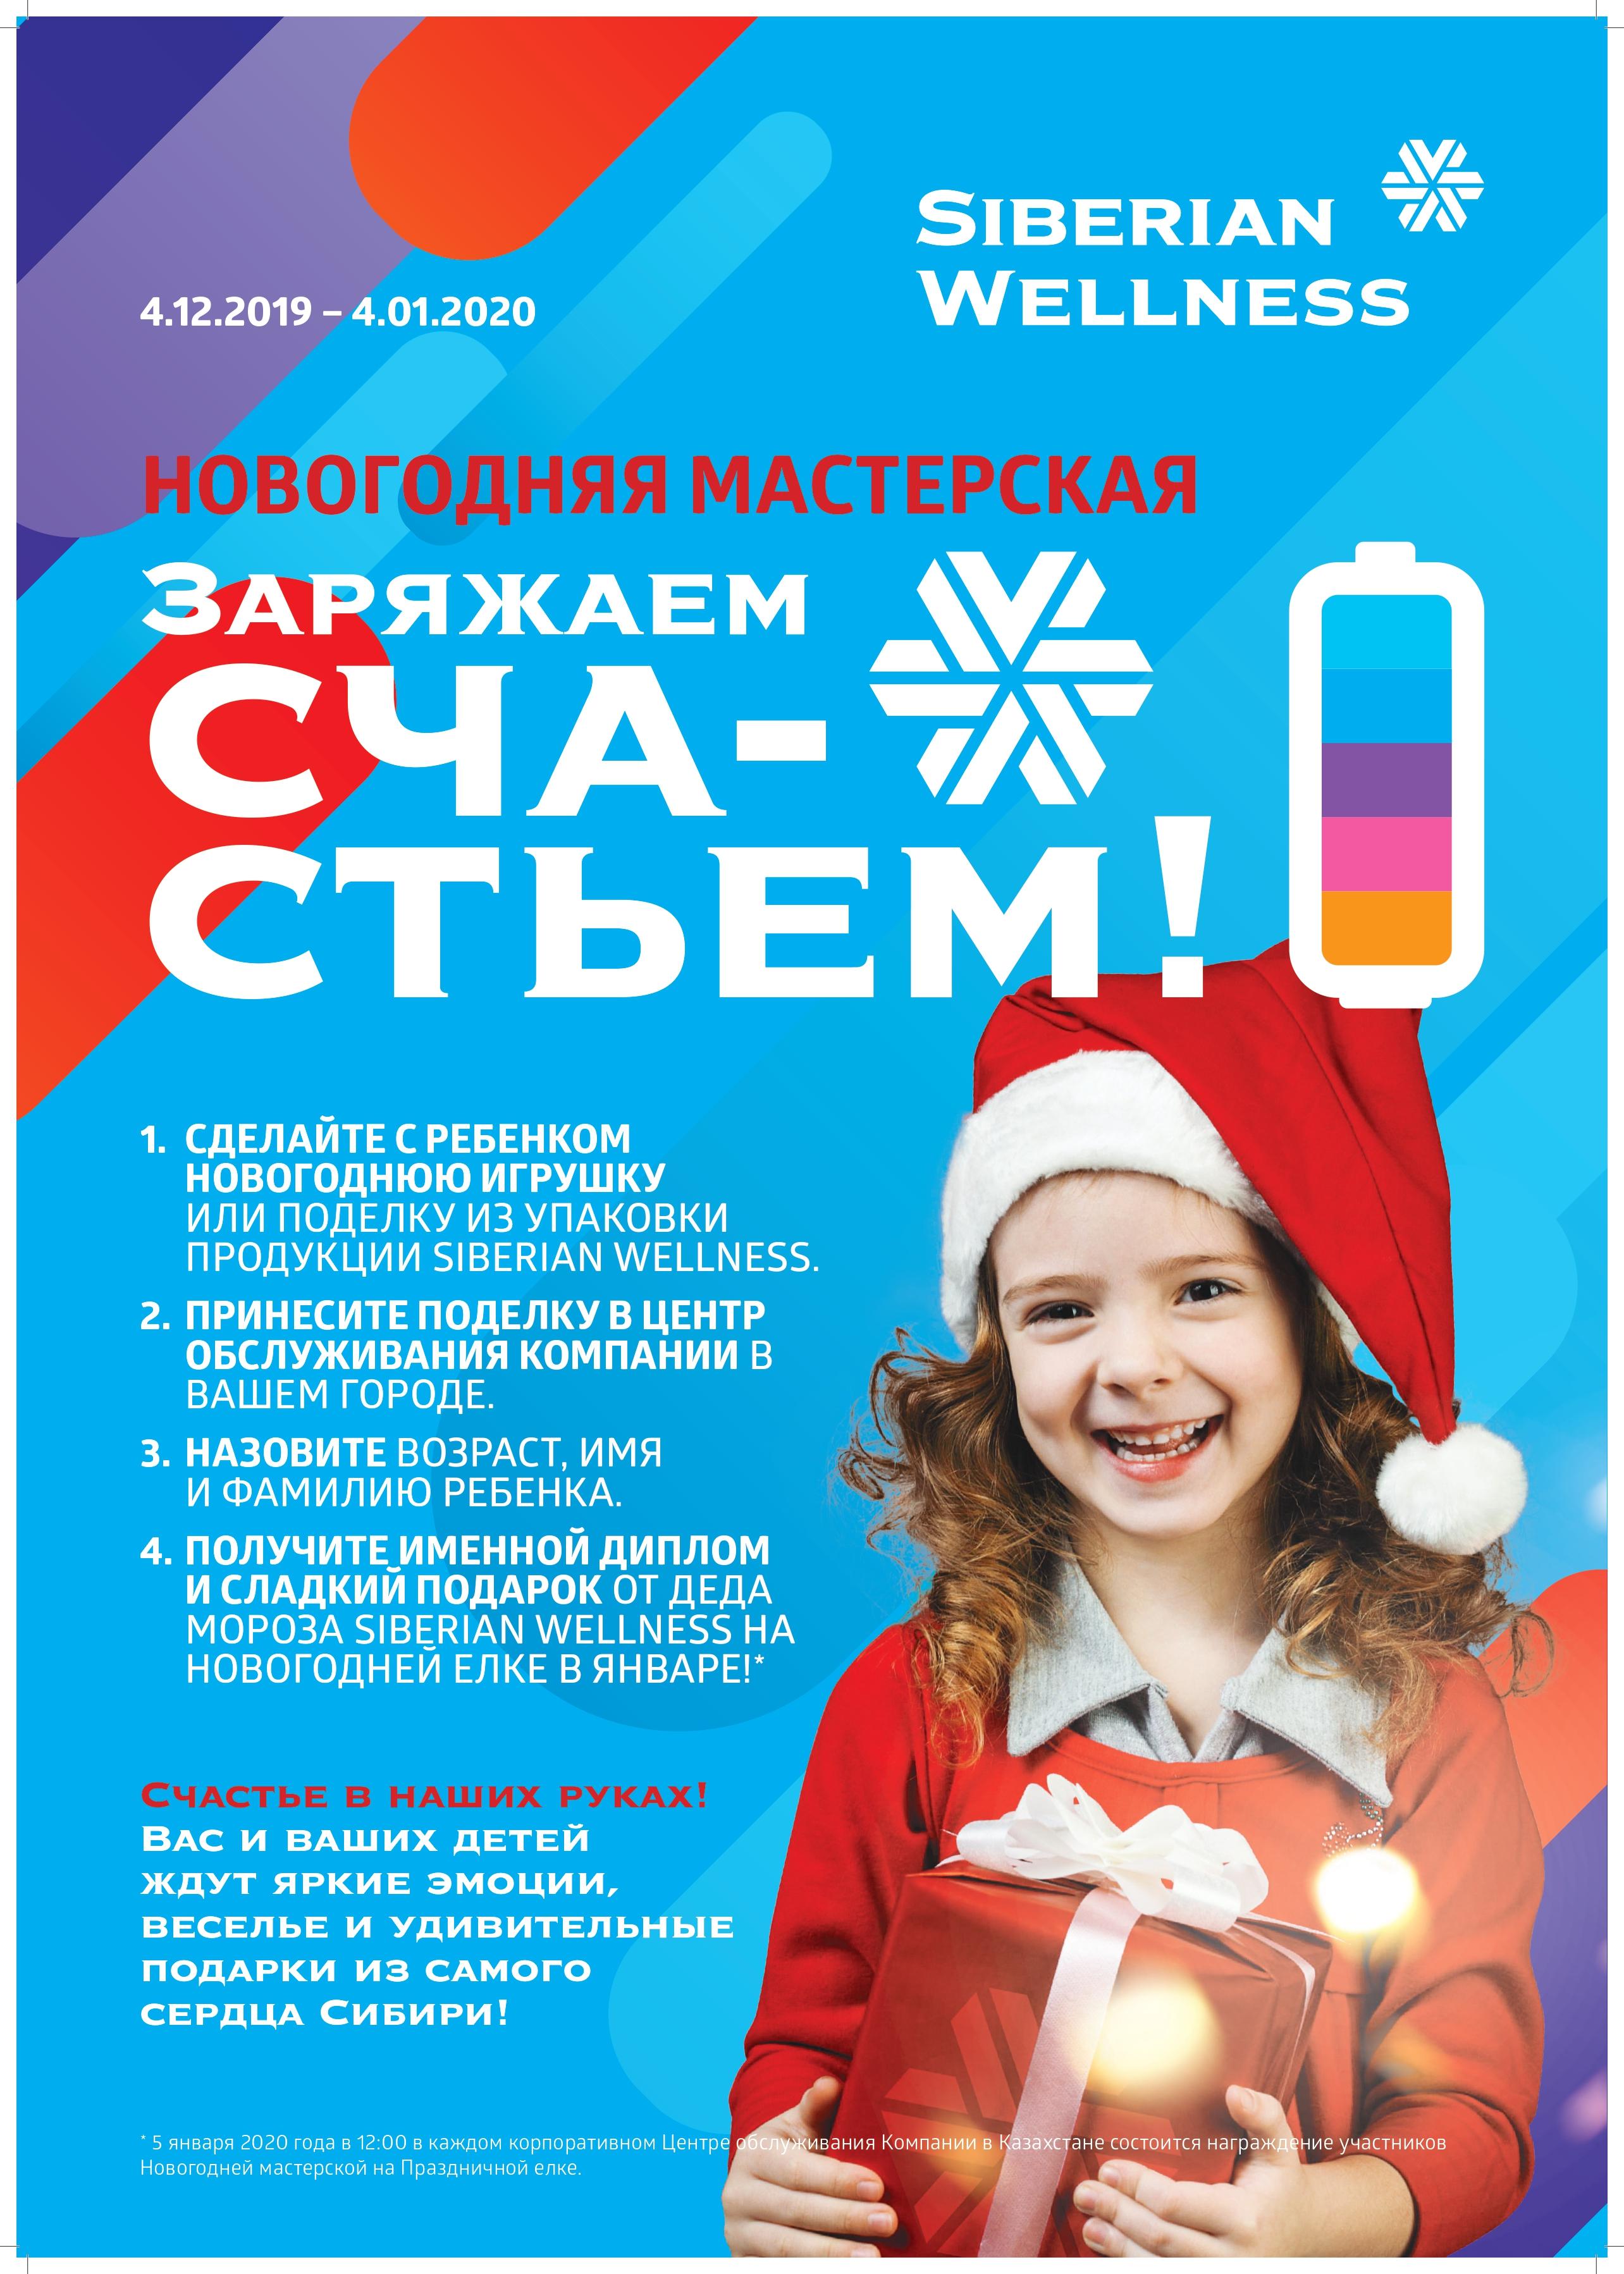 5 января 2020 года в 12:00 в каждом корпоративном ЦОКе Казахстана состоится Новогодняя елка